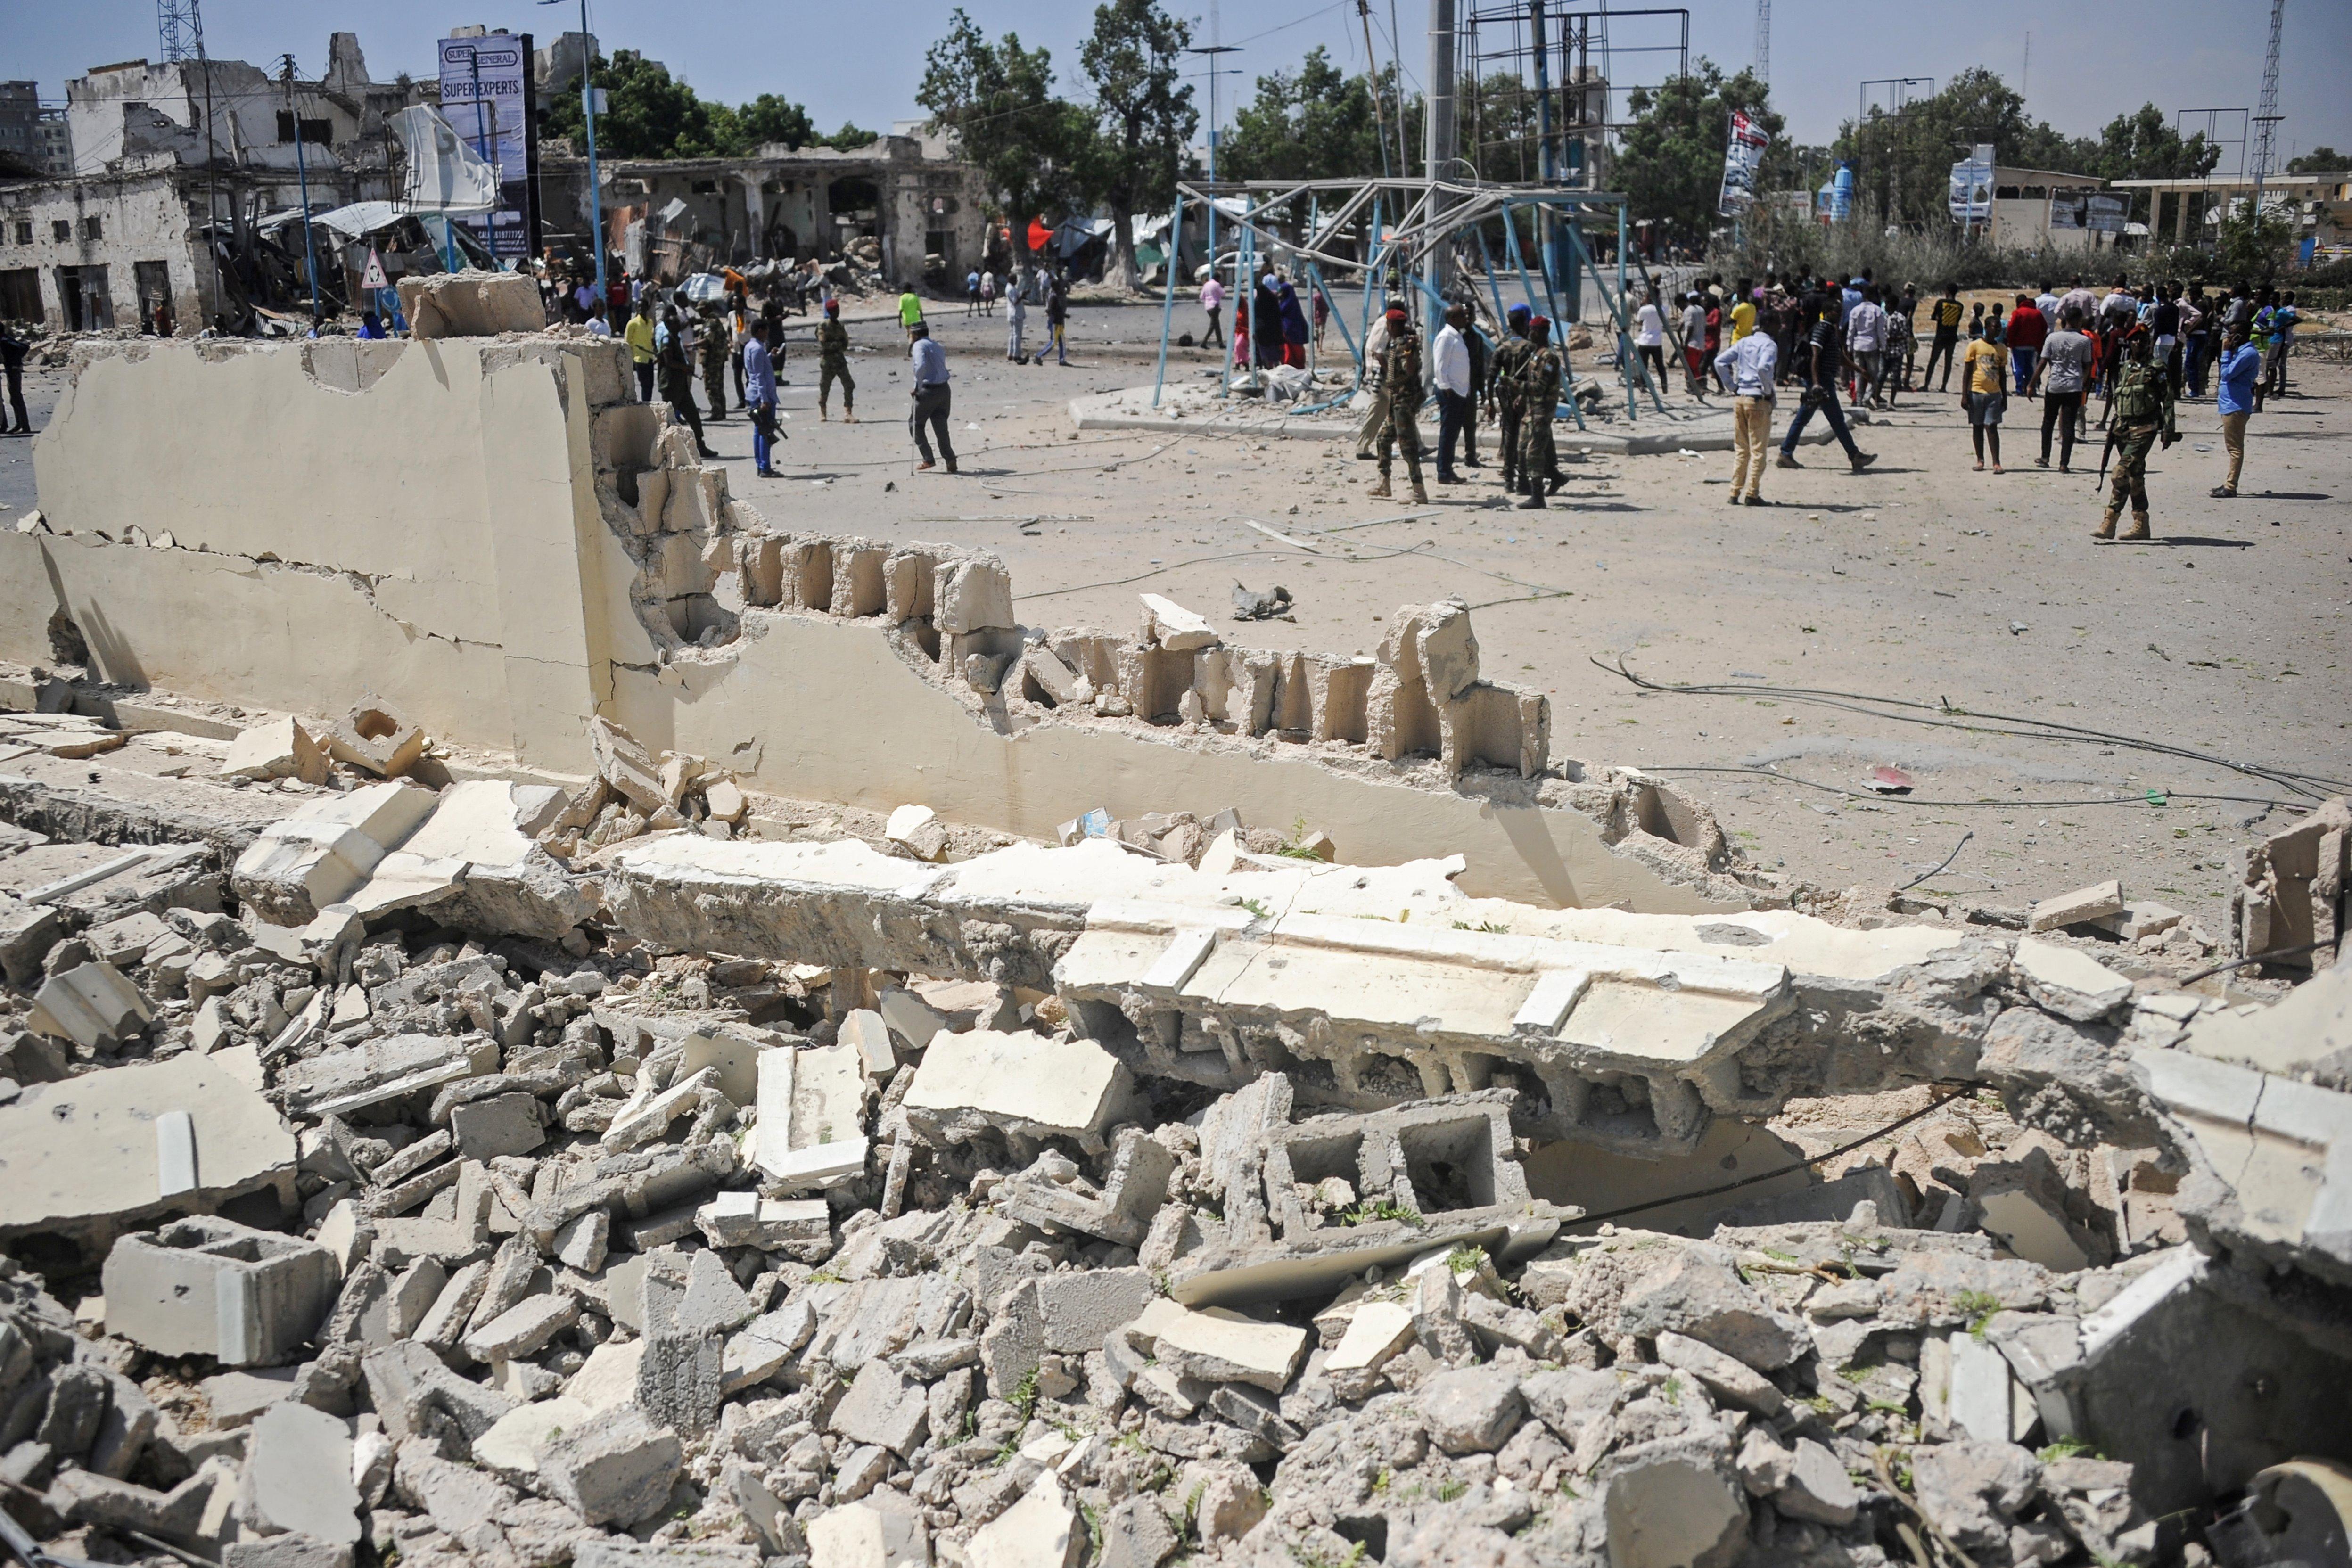 El área atacada se encuentra actualmente bloqueada y rodeada por agentes para prevenir nuevos incidentes (Photo by Mohamed ABDIWAHAB / AFP)